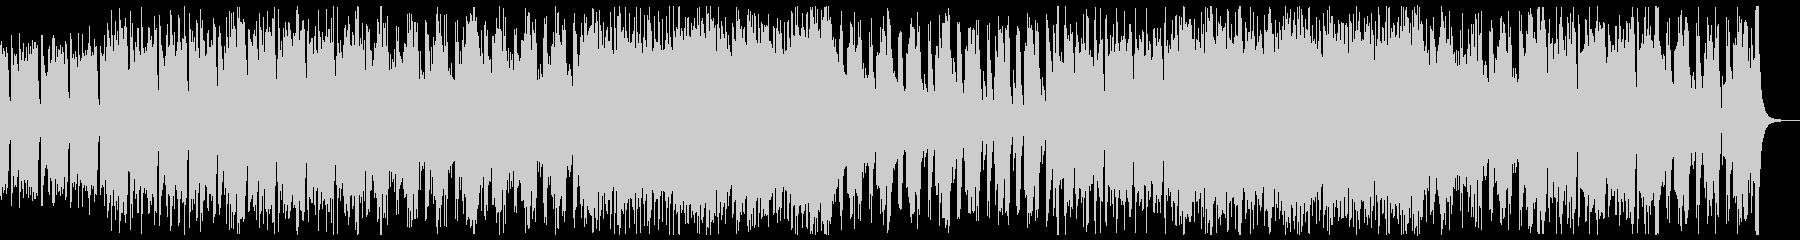 和楽器・和風・サムライヒーロー:フルx1の未再生の波形